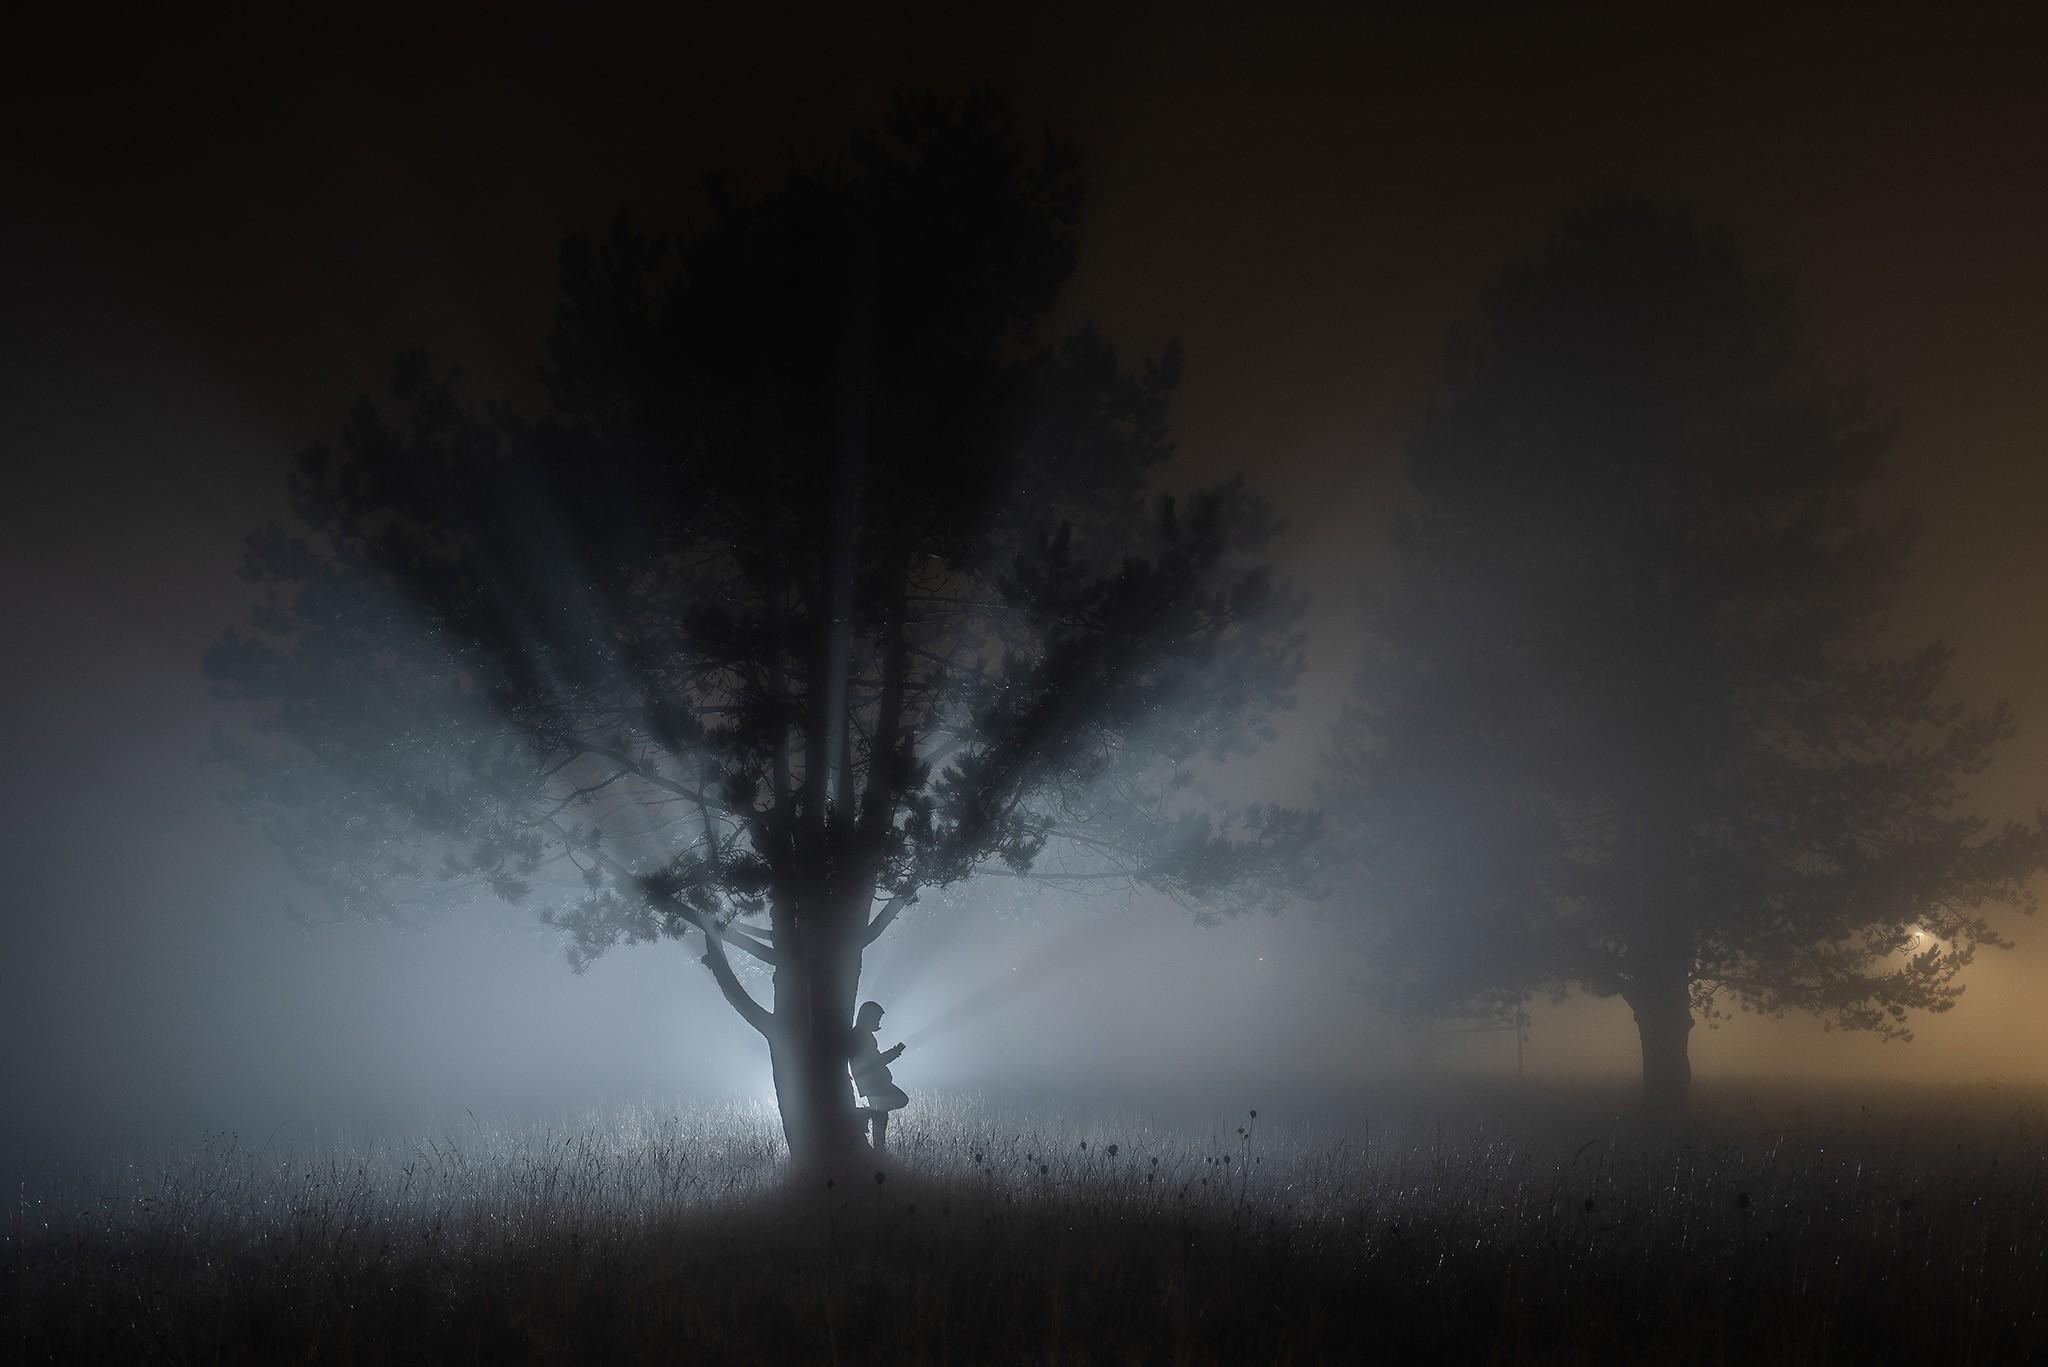 Silhouette d'arbre de nuit dans le brouillard au flash | Paysages nocturnes © Pierre ROLIN - Photographe Nancy - Lorraine / Grand Est